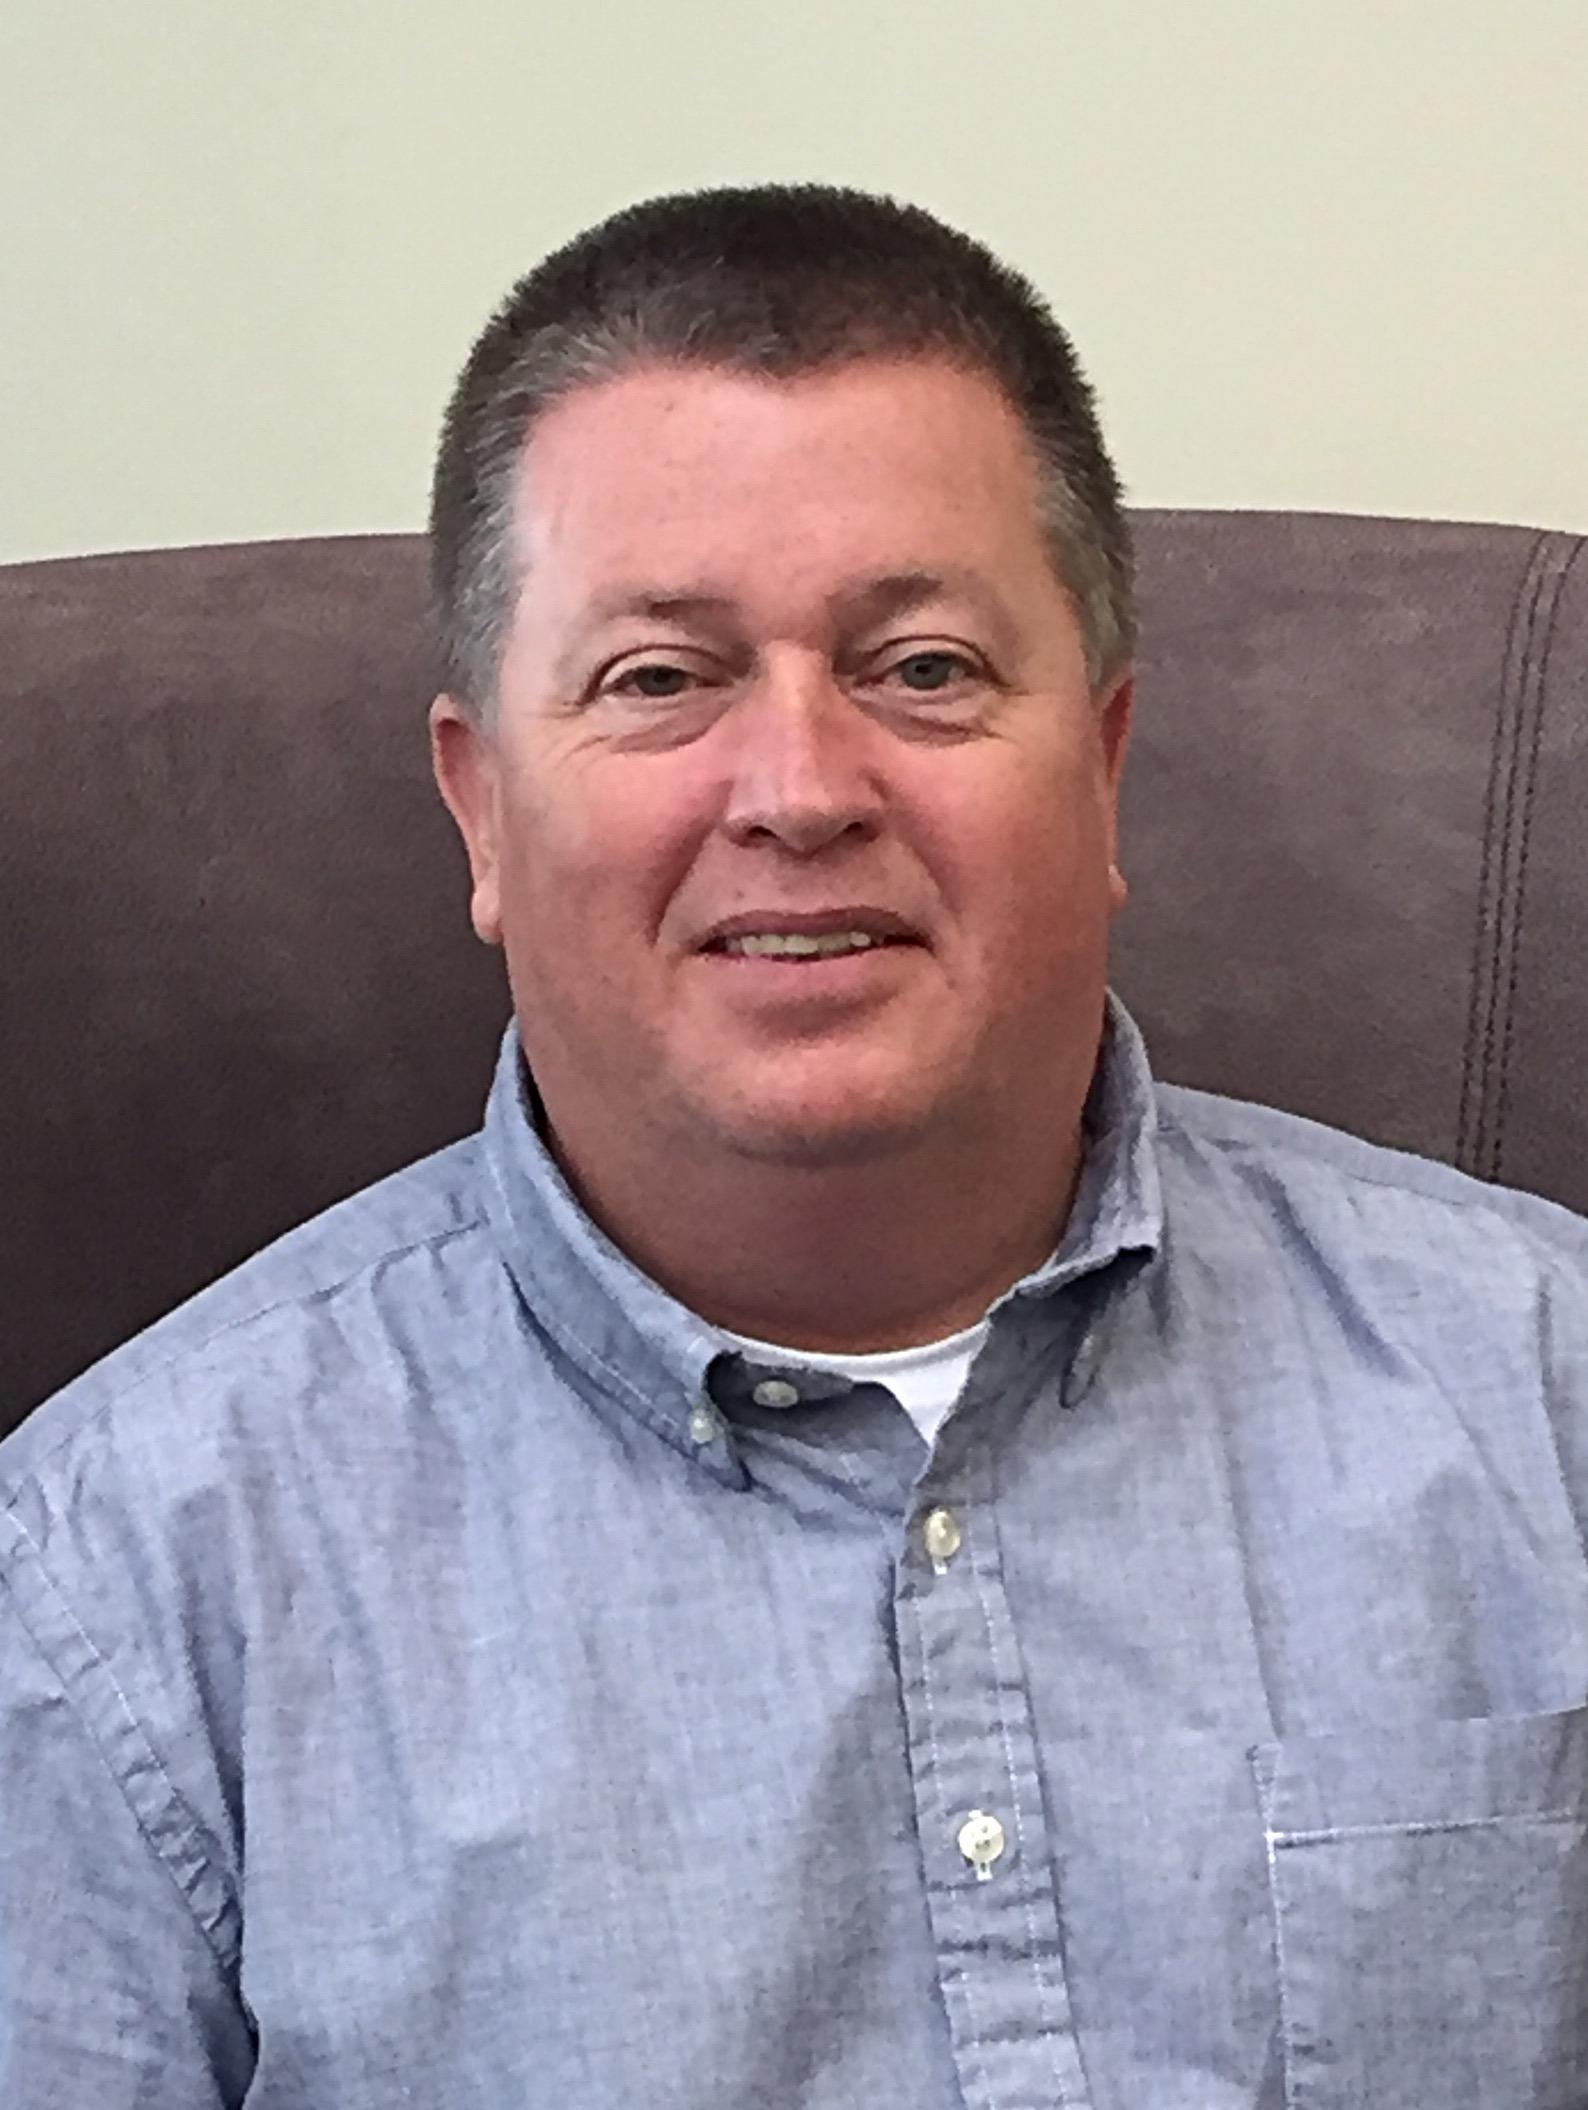 Mike Broyles